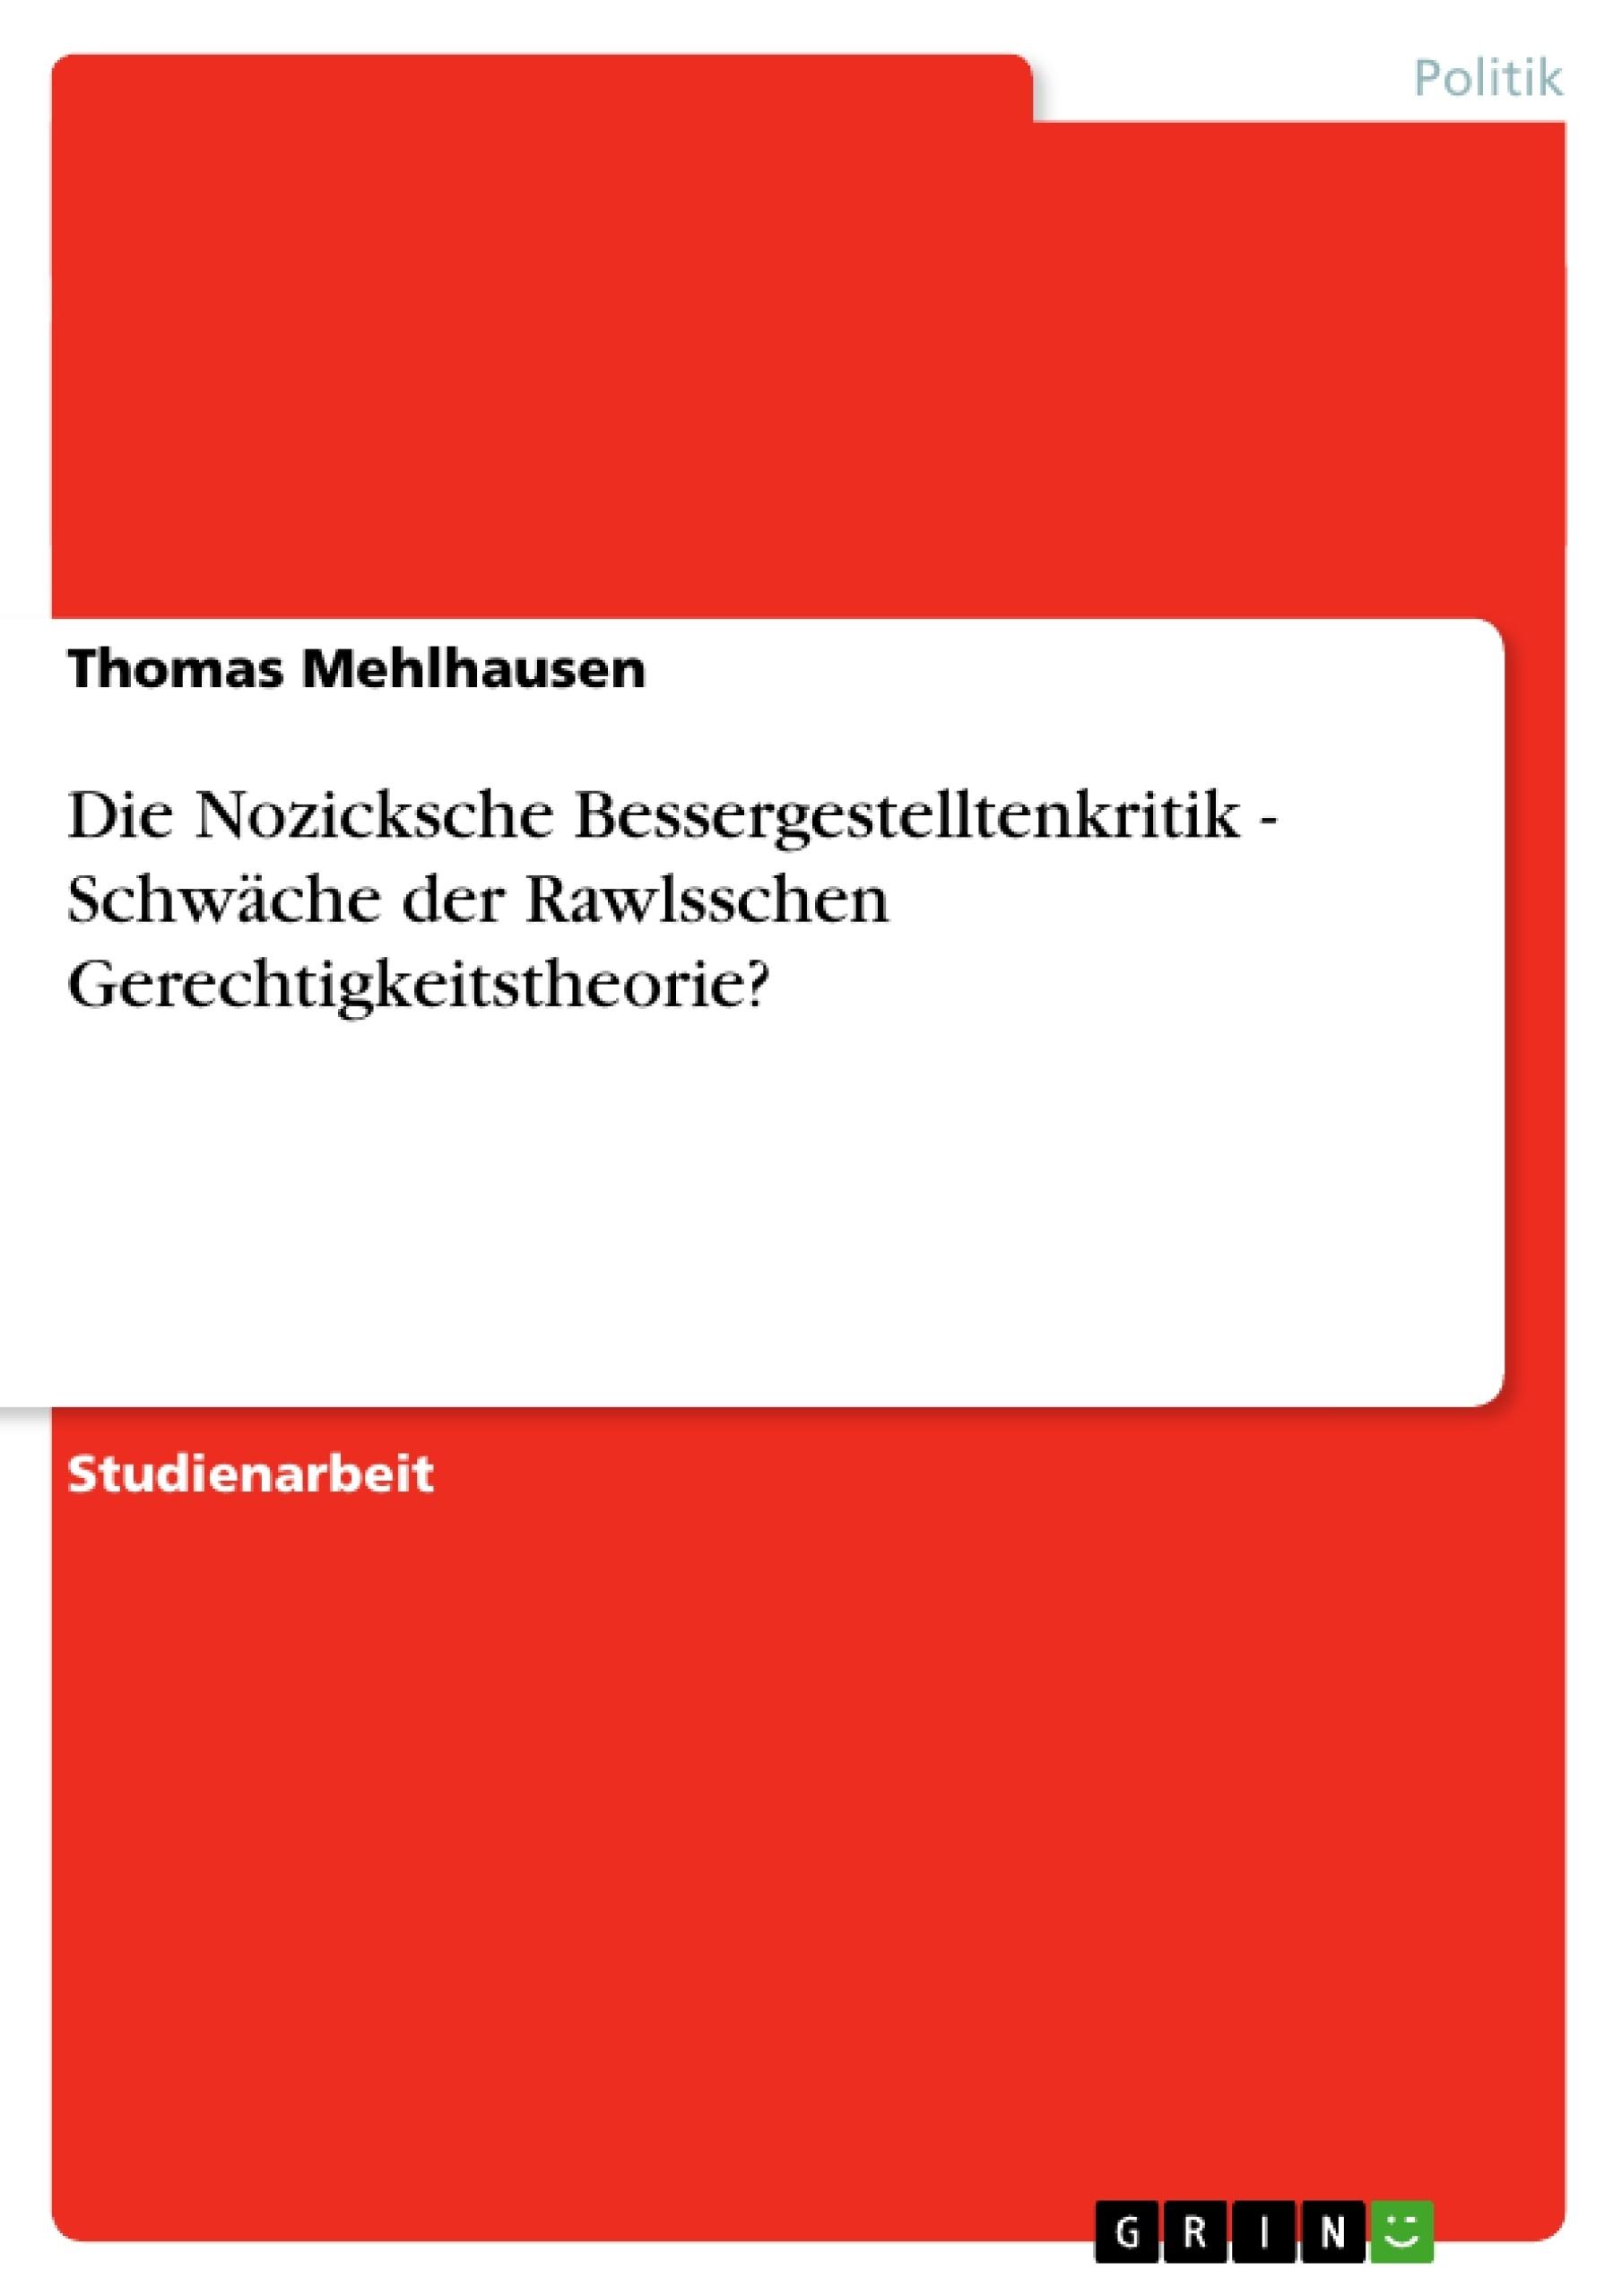 Titel: Die Nozicksche Bessergestelltenkritik - Schwäche der Rawlsschen Gerechtigkeitstheorie?